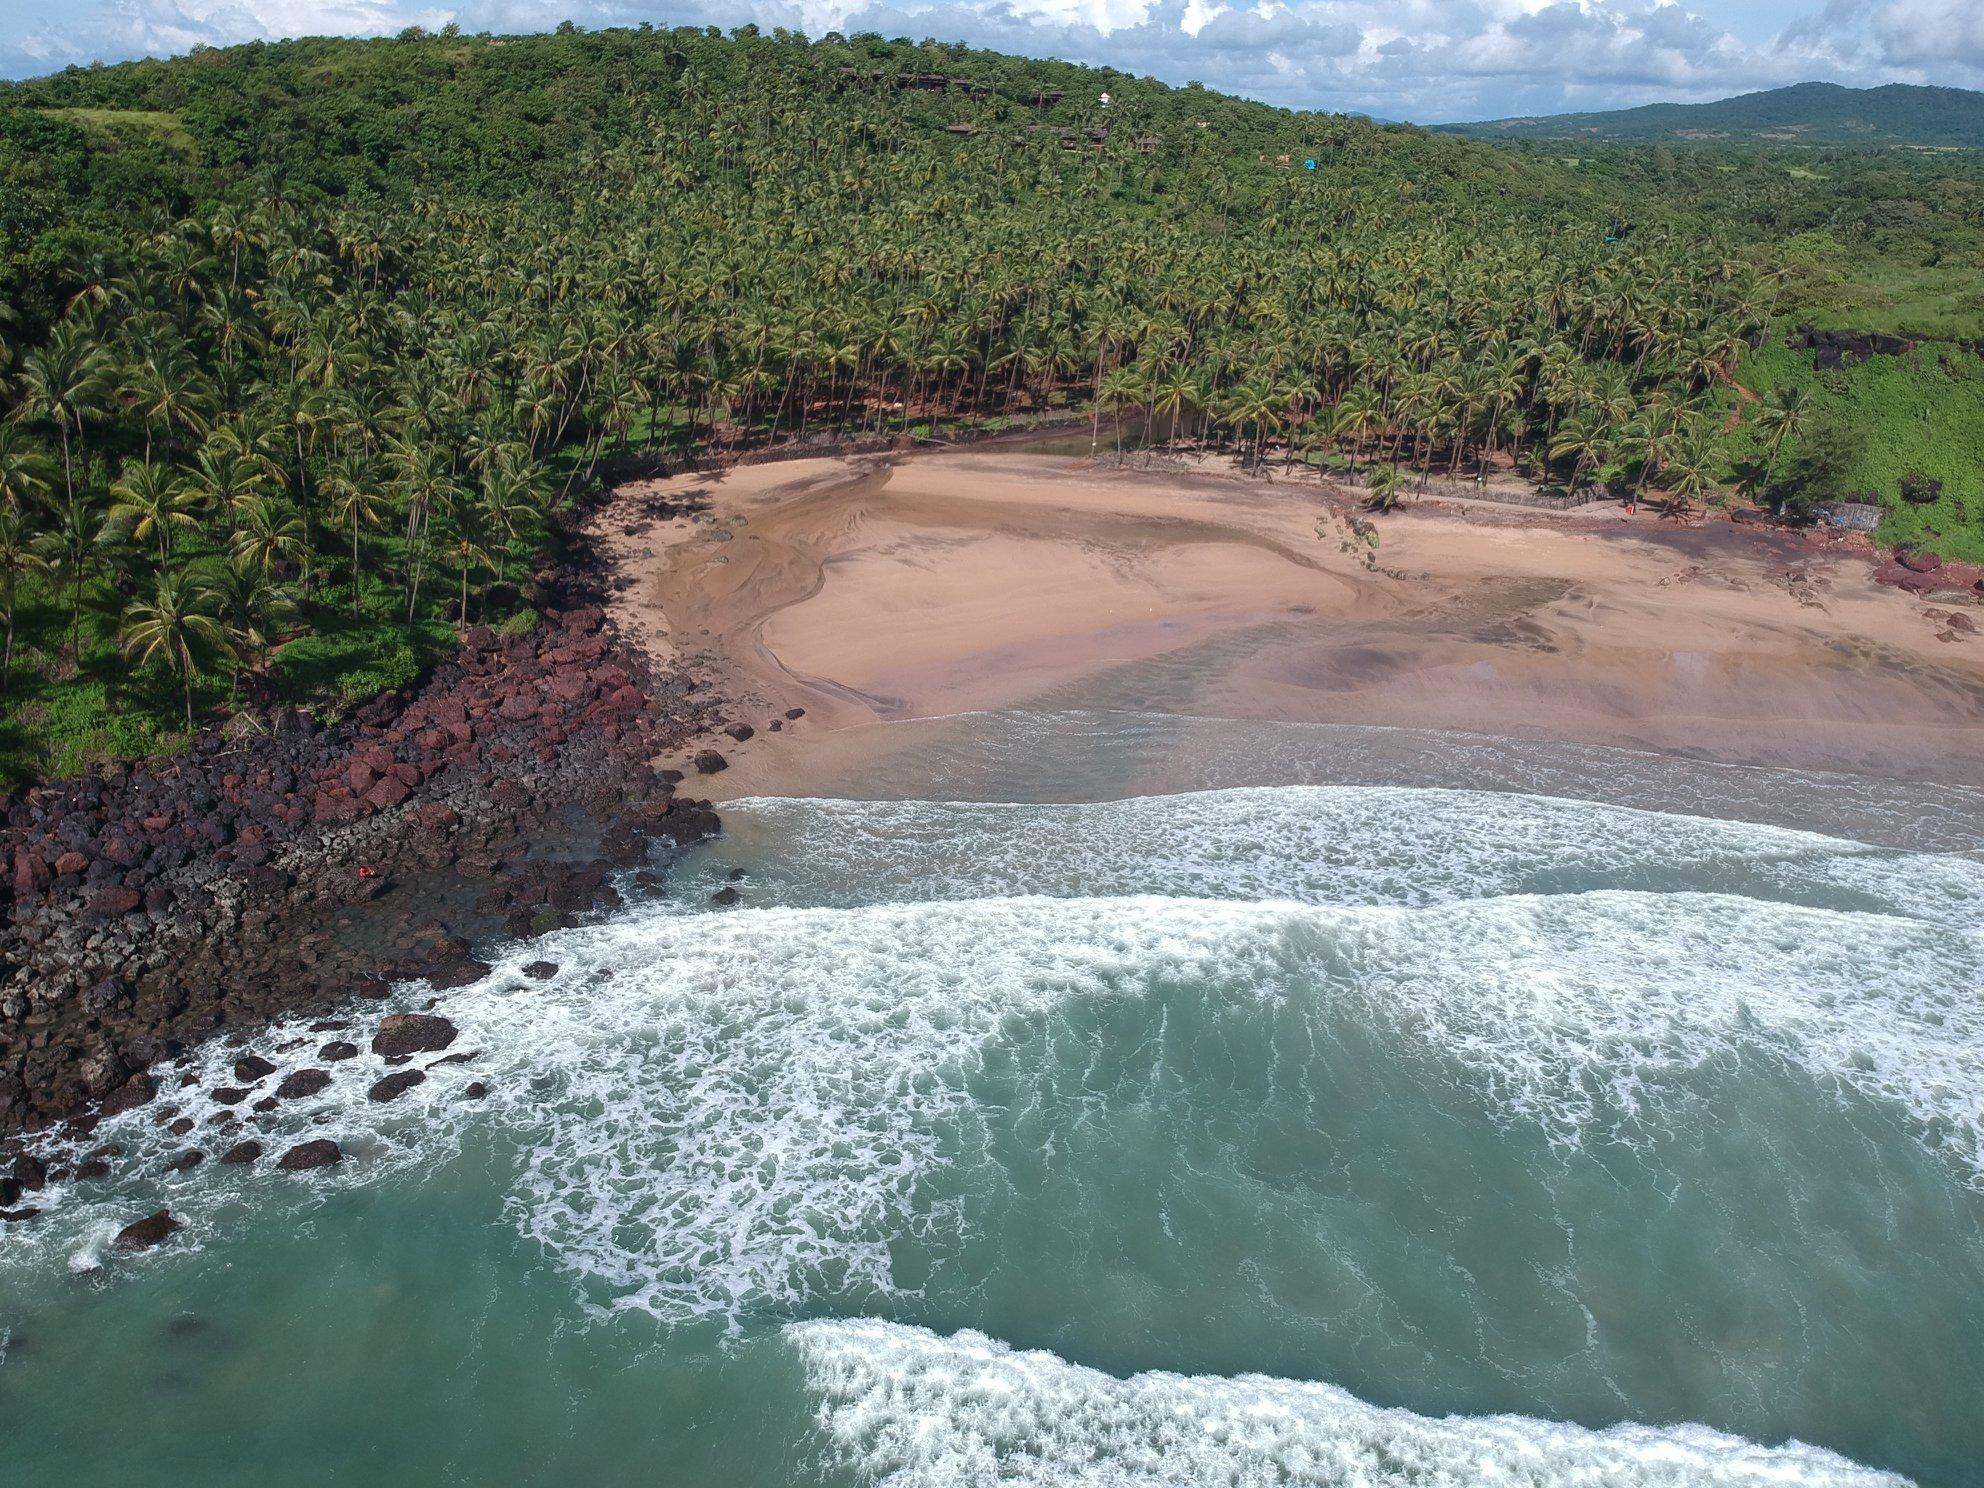 Cabo De Ram Beach in South Goa